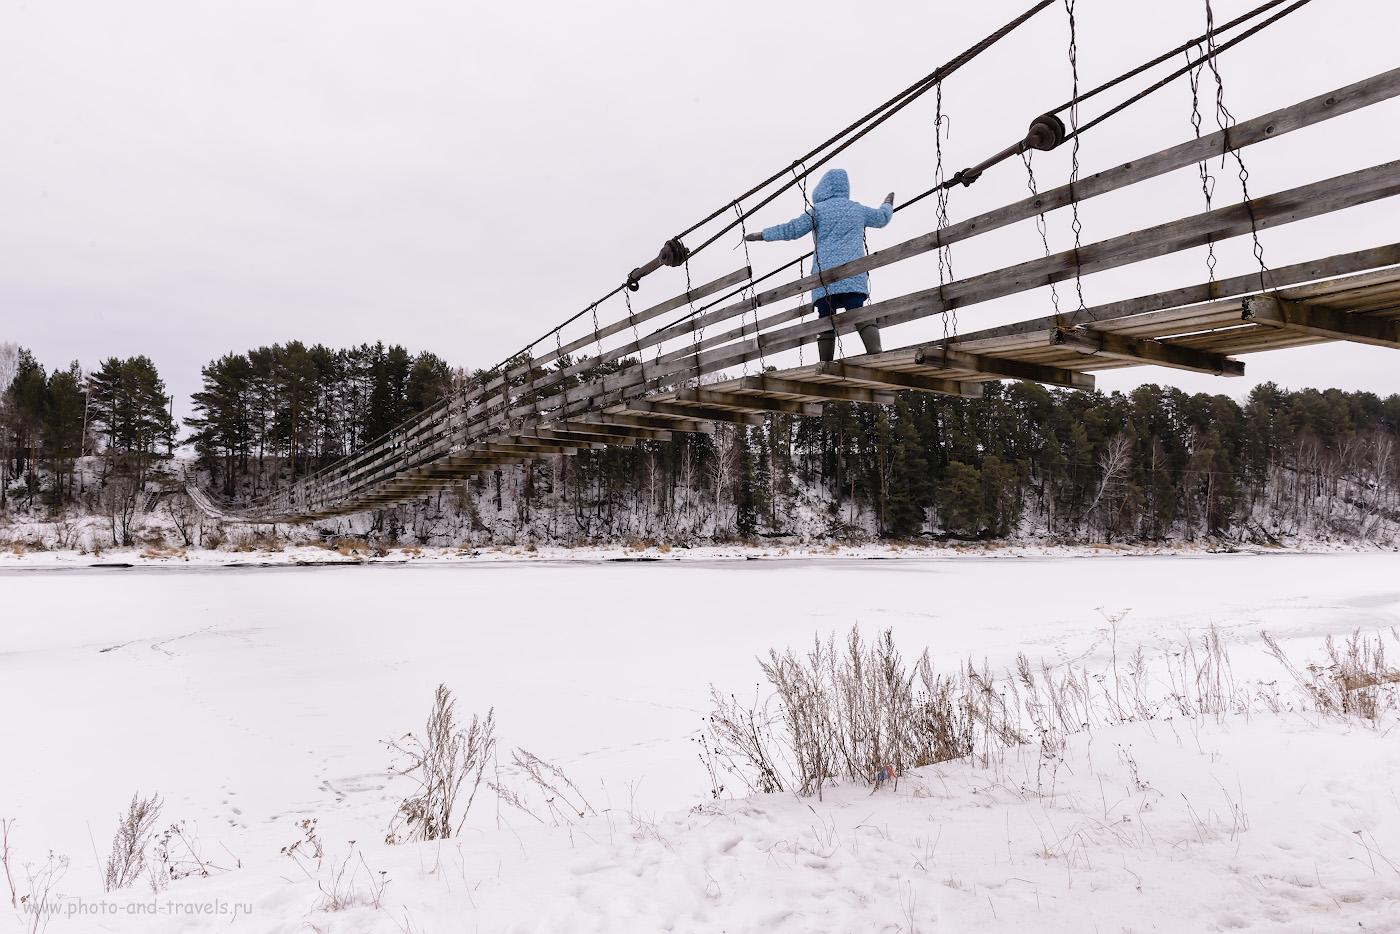 Фотография 12. Чтобы дойти до водопада Плакун, нужно перебраться на другой берег Сывы по этому подвесному мосту в деревне Сасыково. Рассказы о поездках по Пермскому краю.